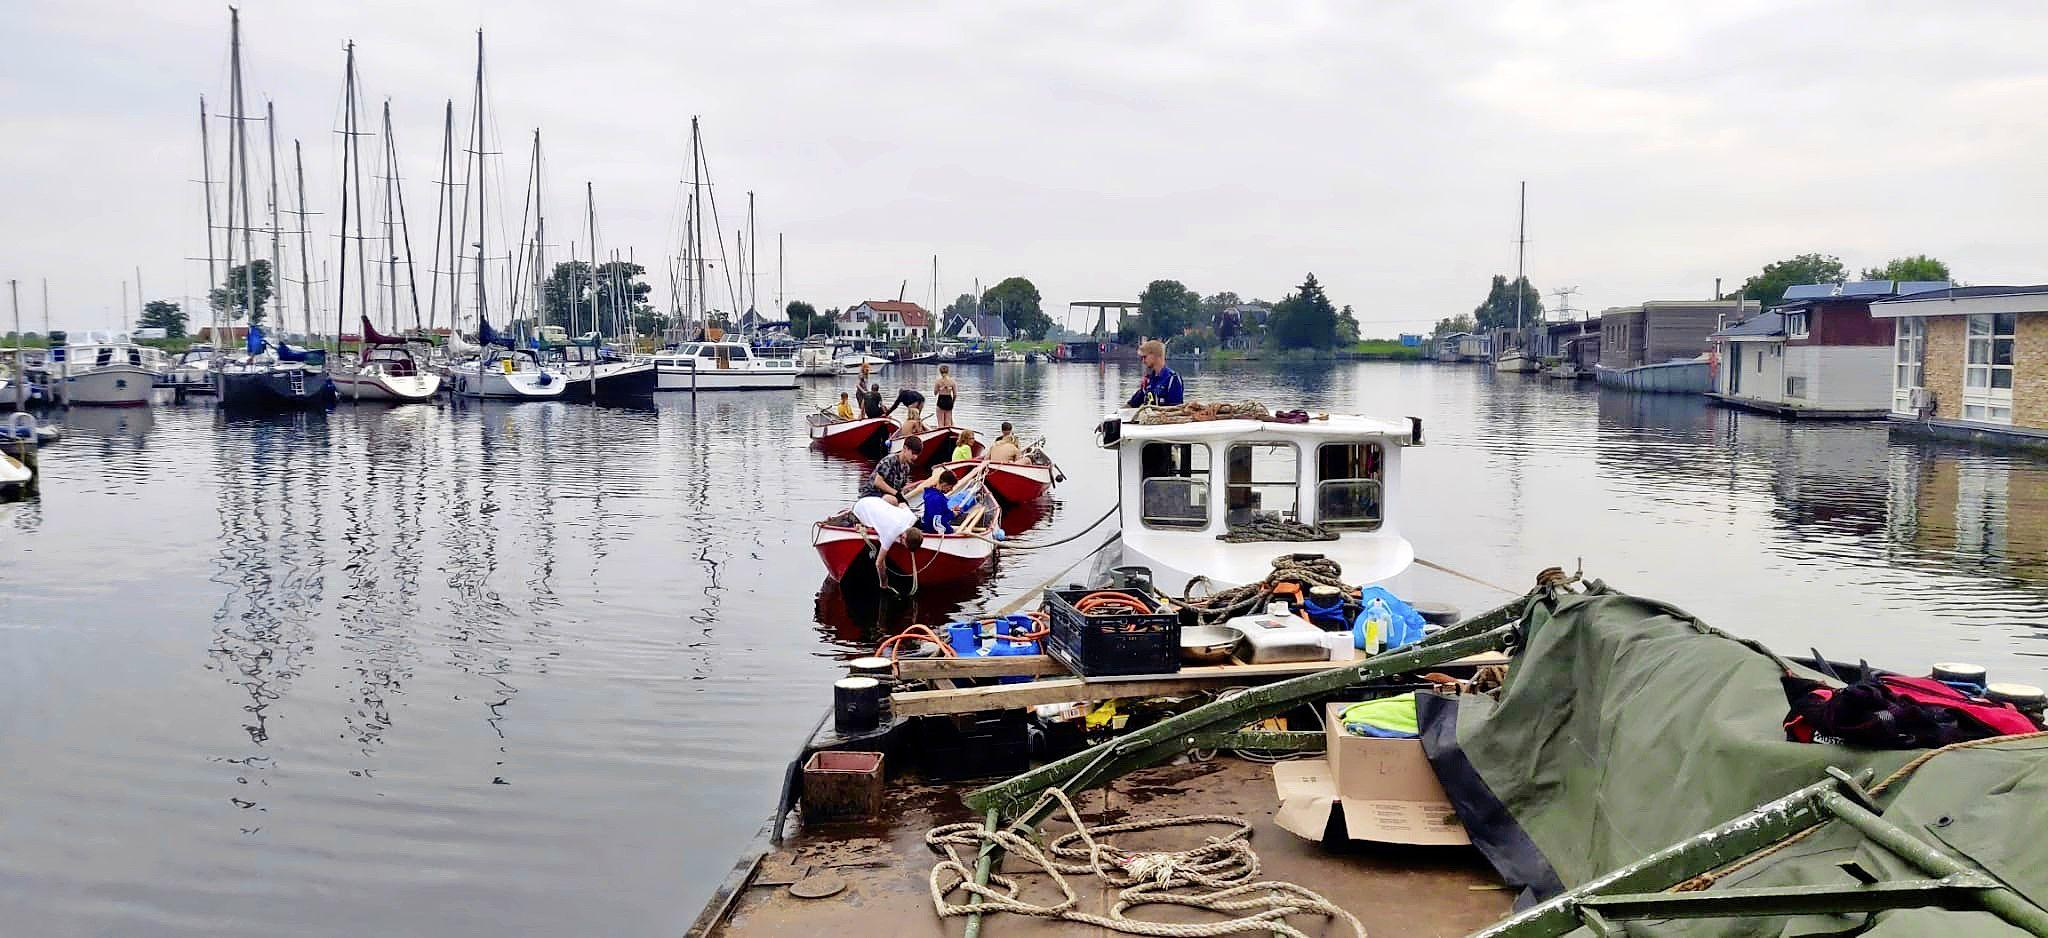 Goed nieuws voor scoutinggroep: onverwacht veel geld binnen voor gestolen en vernielde sleepboot. De schade is groot, desondanks kan het zomerkamp doorgaan